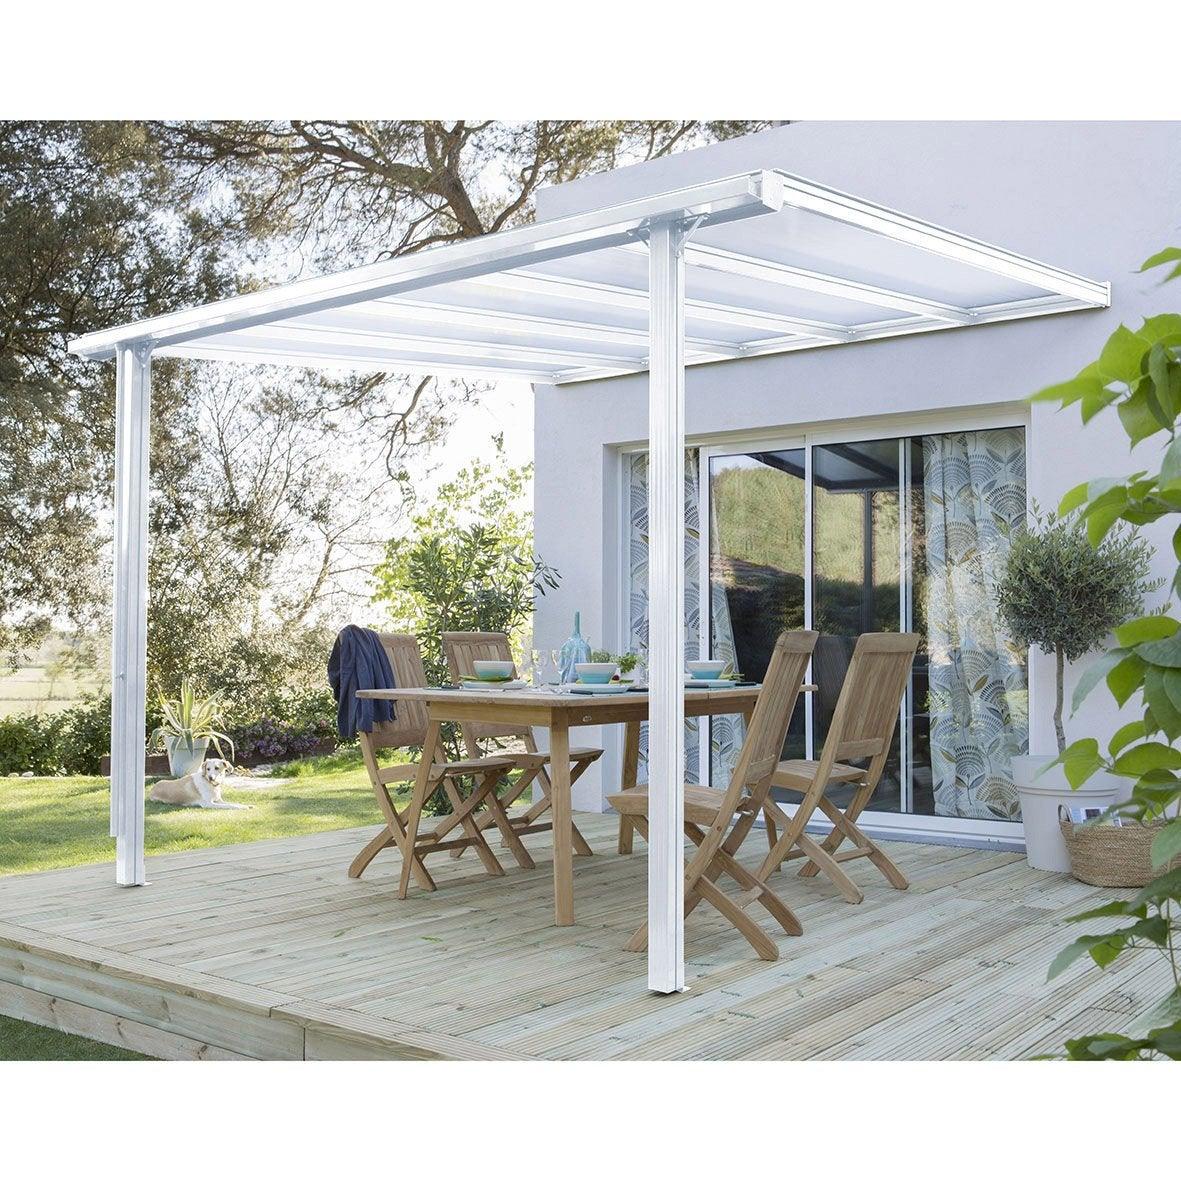 Couverture de terrasse adossée Tradition, aluminium blanche, 7.77 m² ...